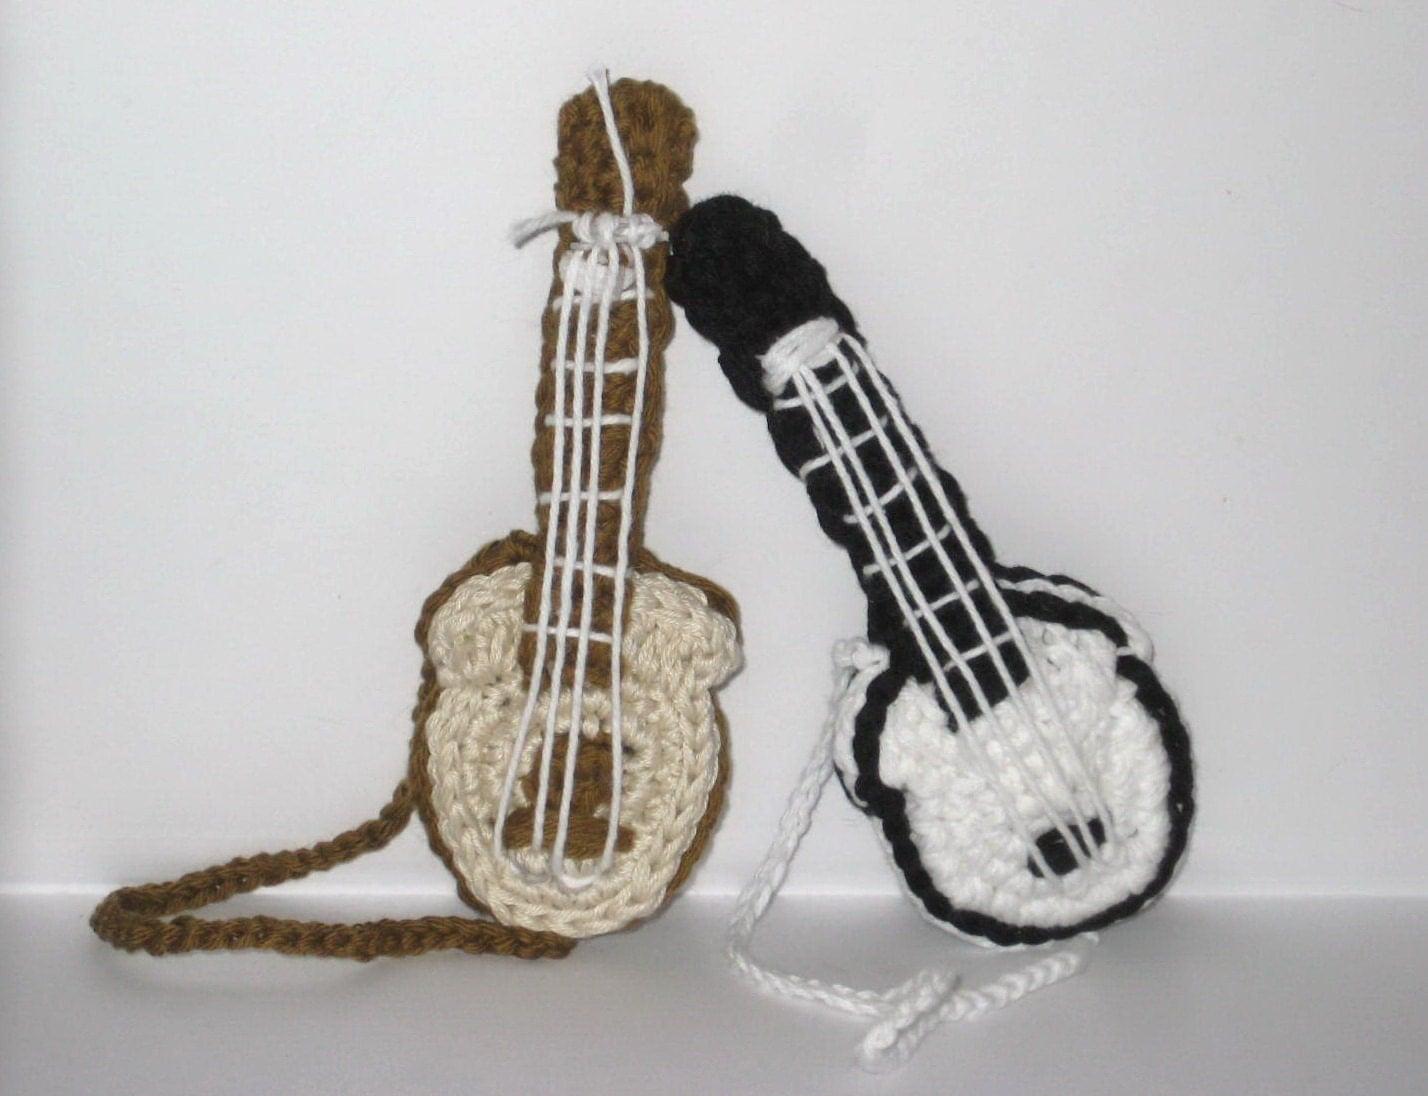 Amigurumi Hat Crochet Patterns : Amigurumi crochet pattern guitar Guitar amigurumi tutorial